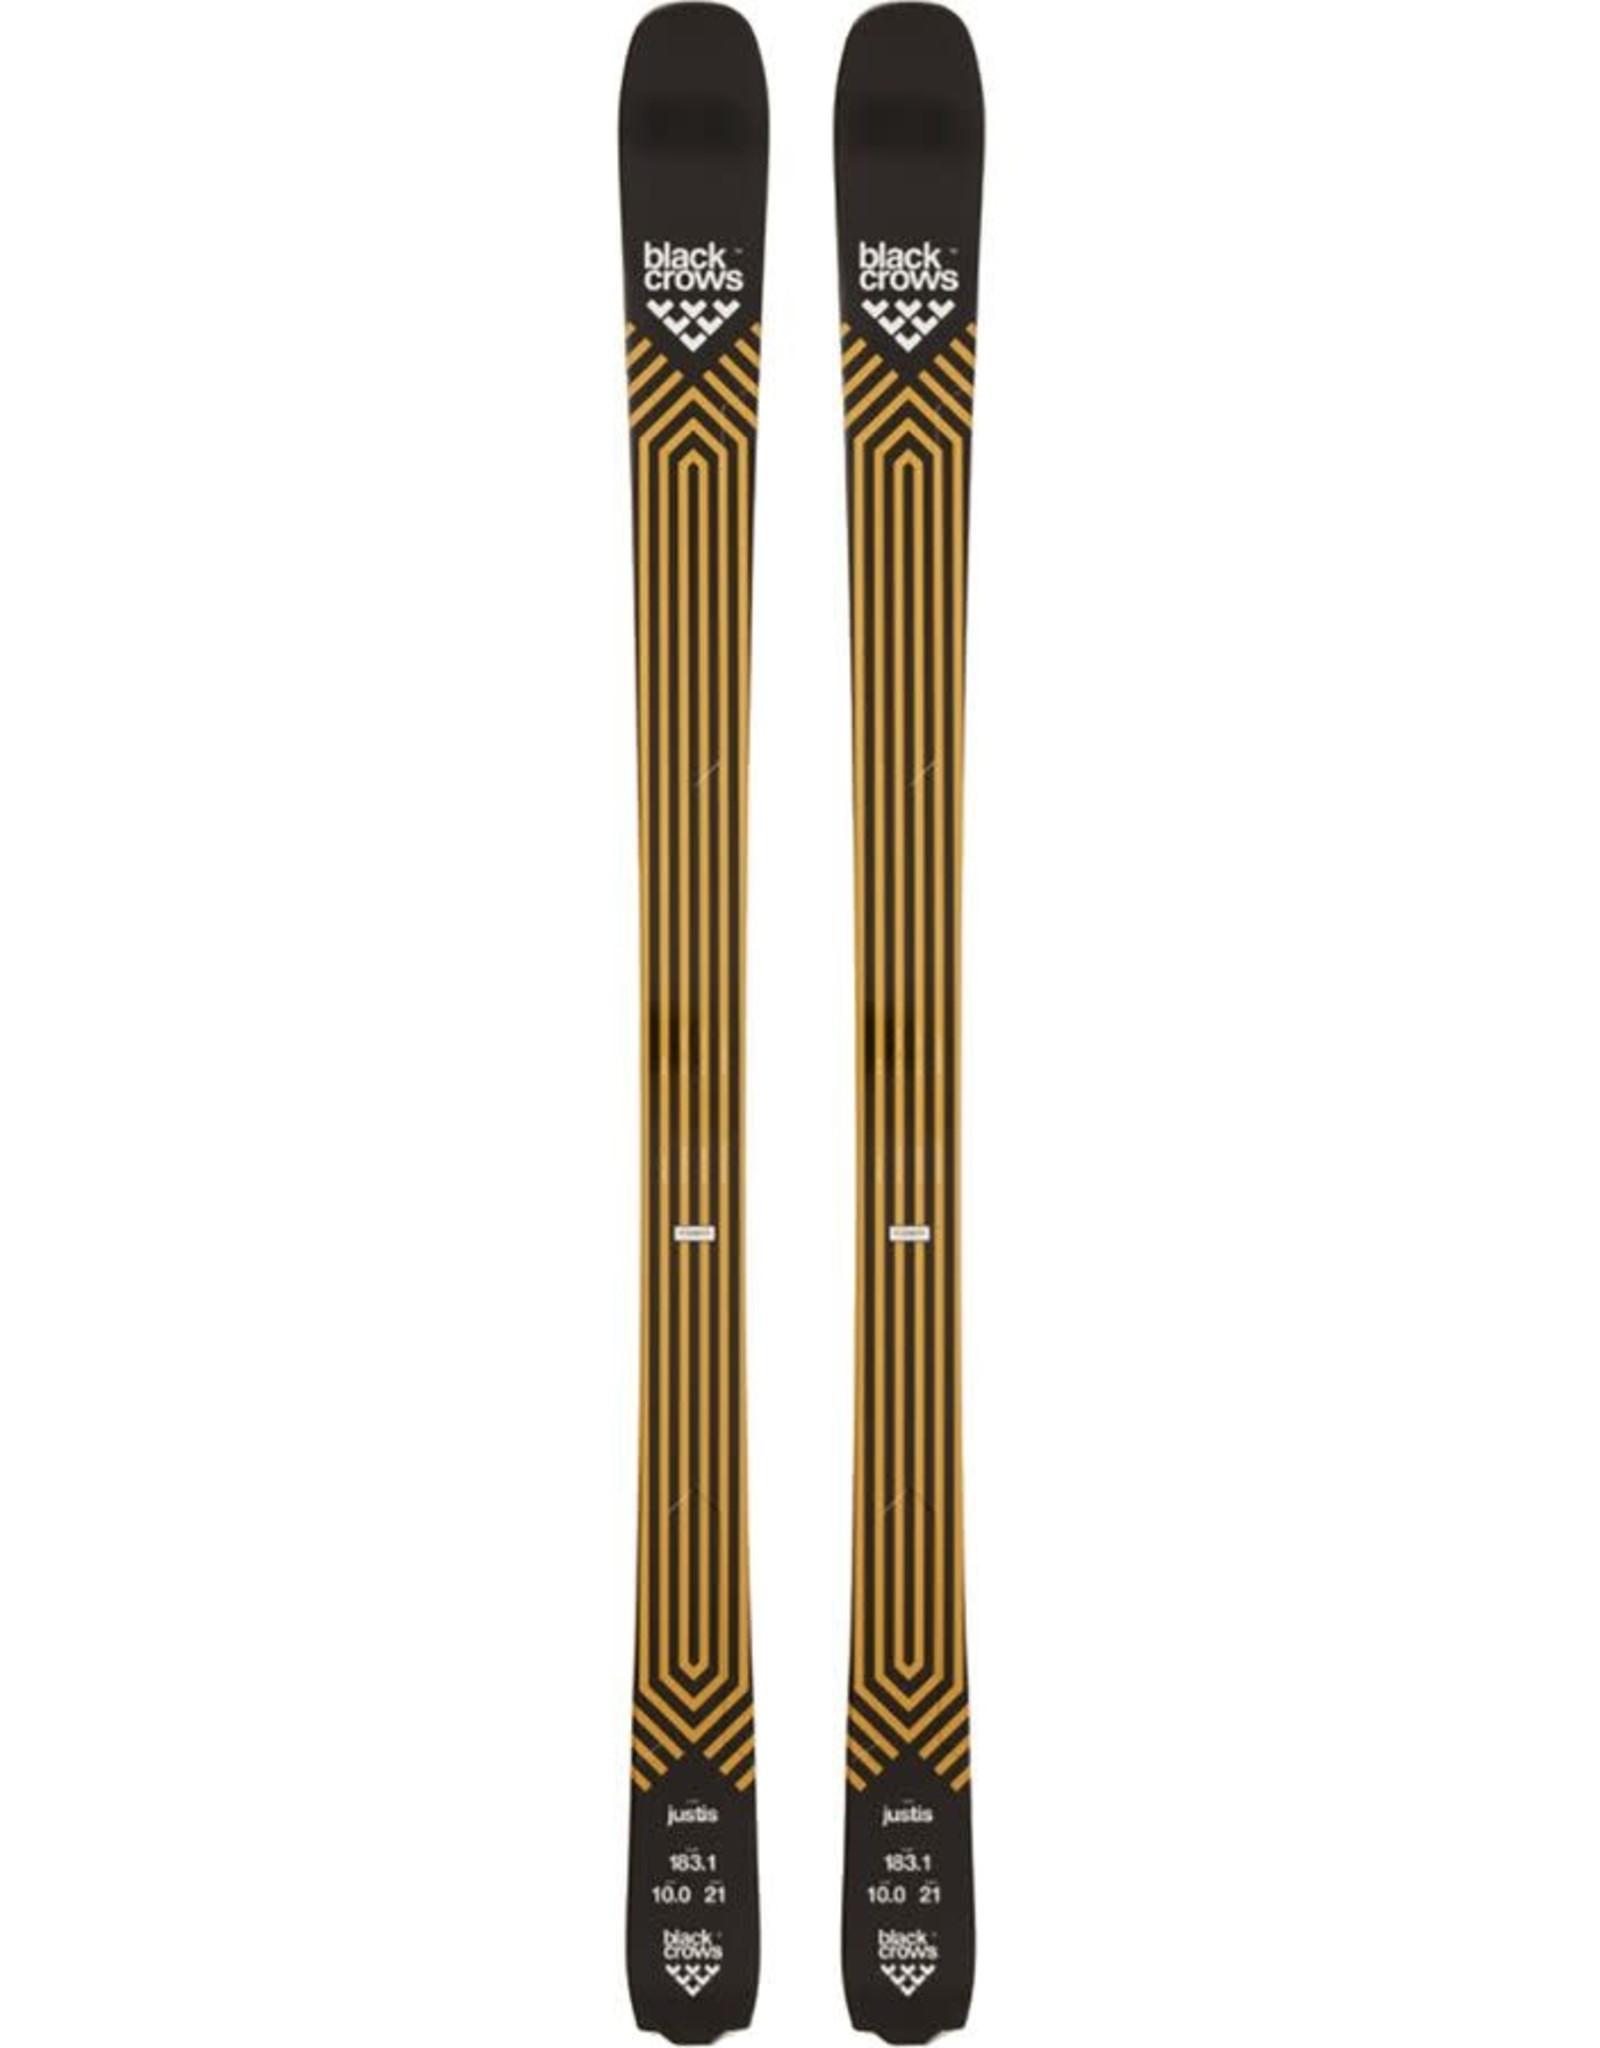 BLACK CROWS BLACK CROWS Skis JUSTIS (21/22)